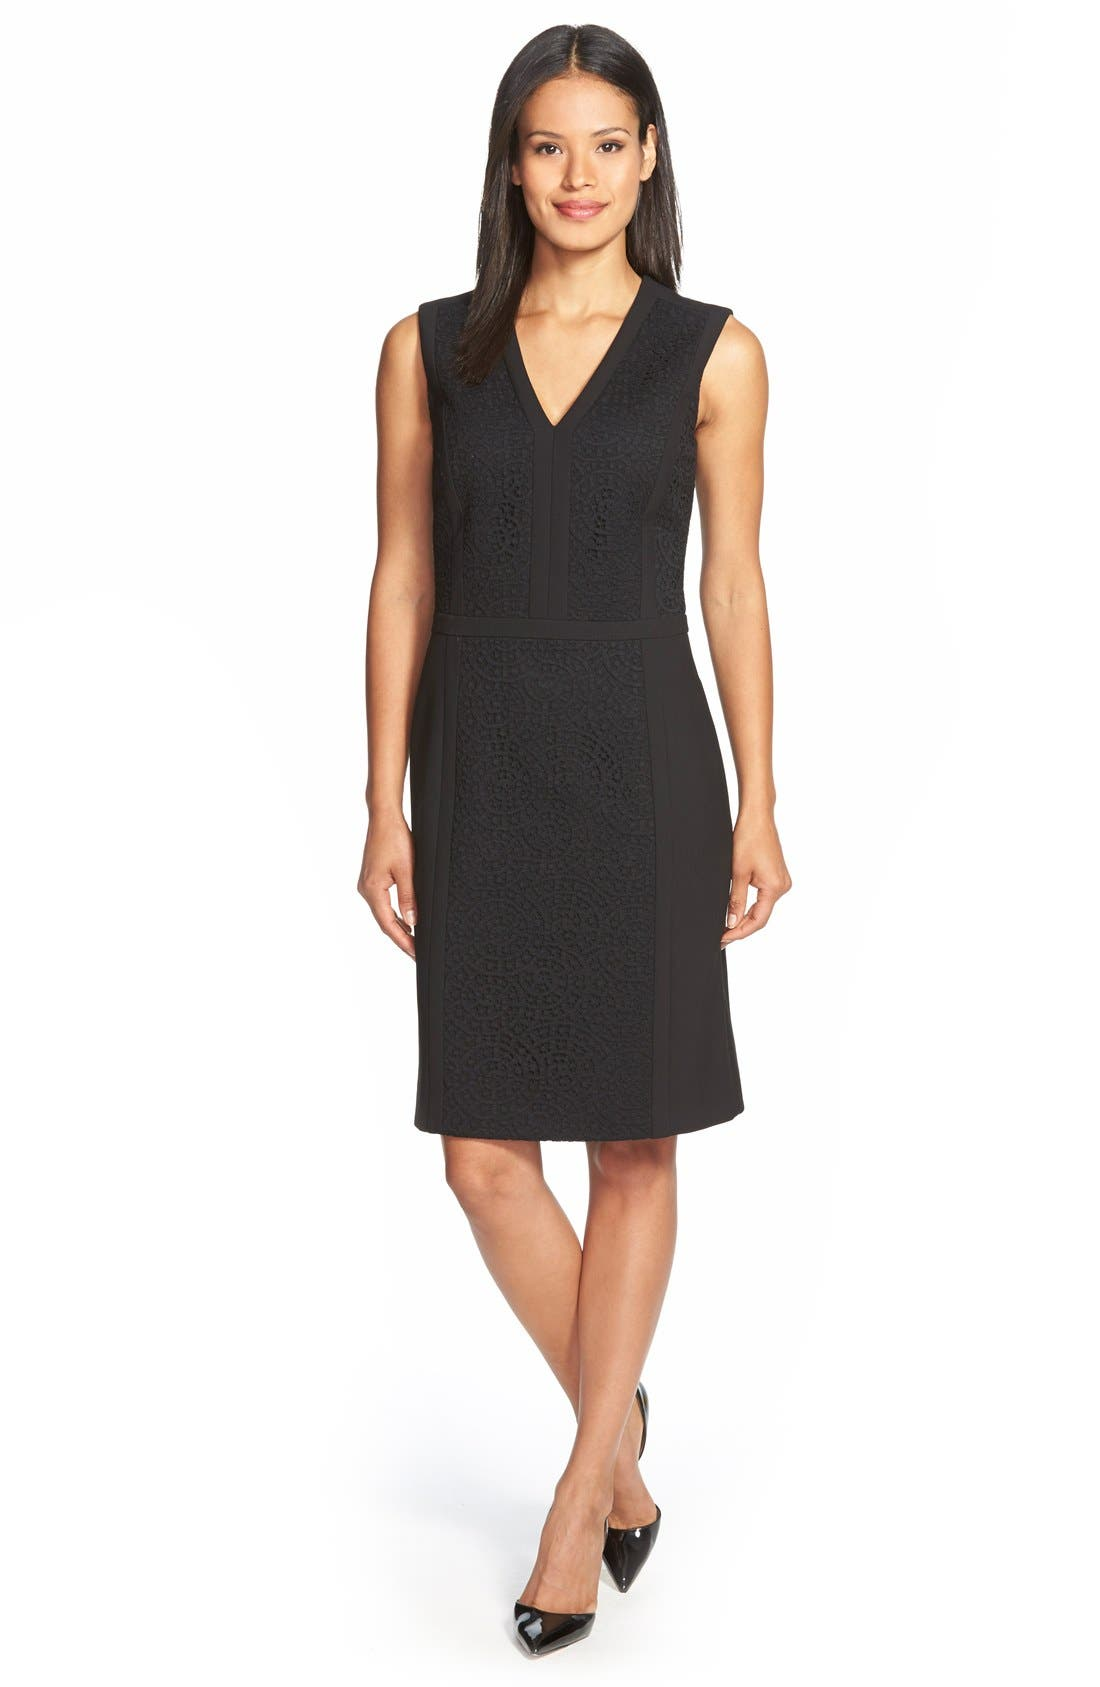 BOSS, 'Dilama' Paneled Mixed Media V-Neck Sheath Dress, Main thumbnail 1, color, 002